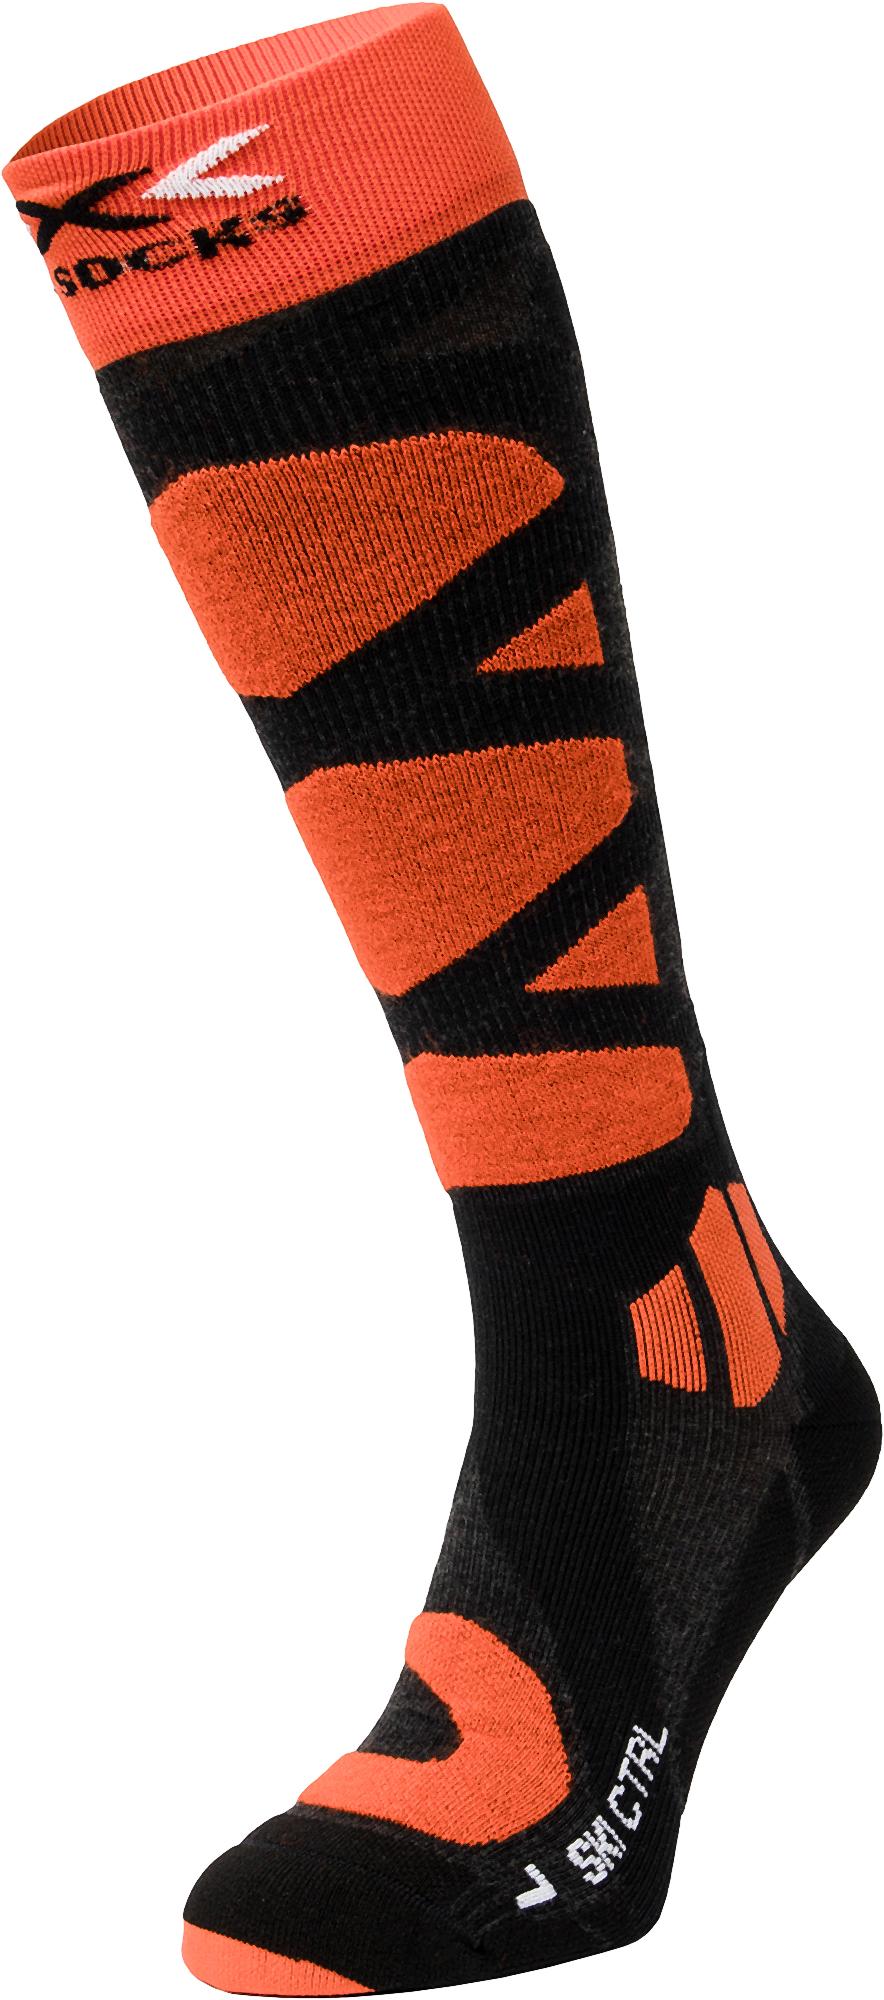 цена на X-Socks Носки X-Socks Ski Control 4.0, 1 пара, размер 45-47